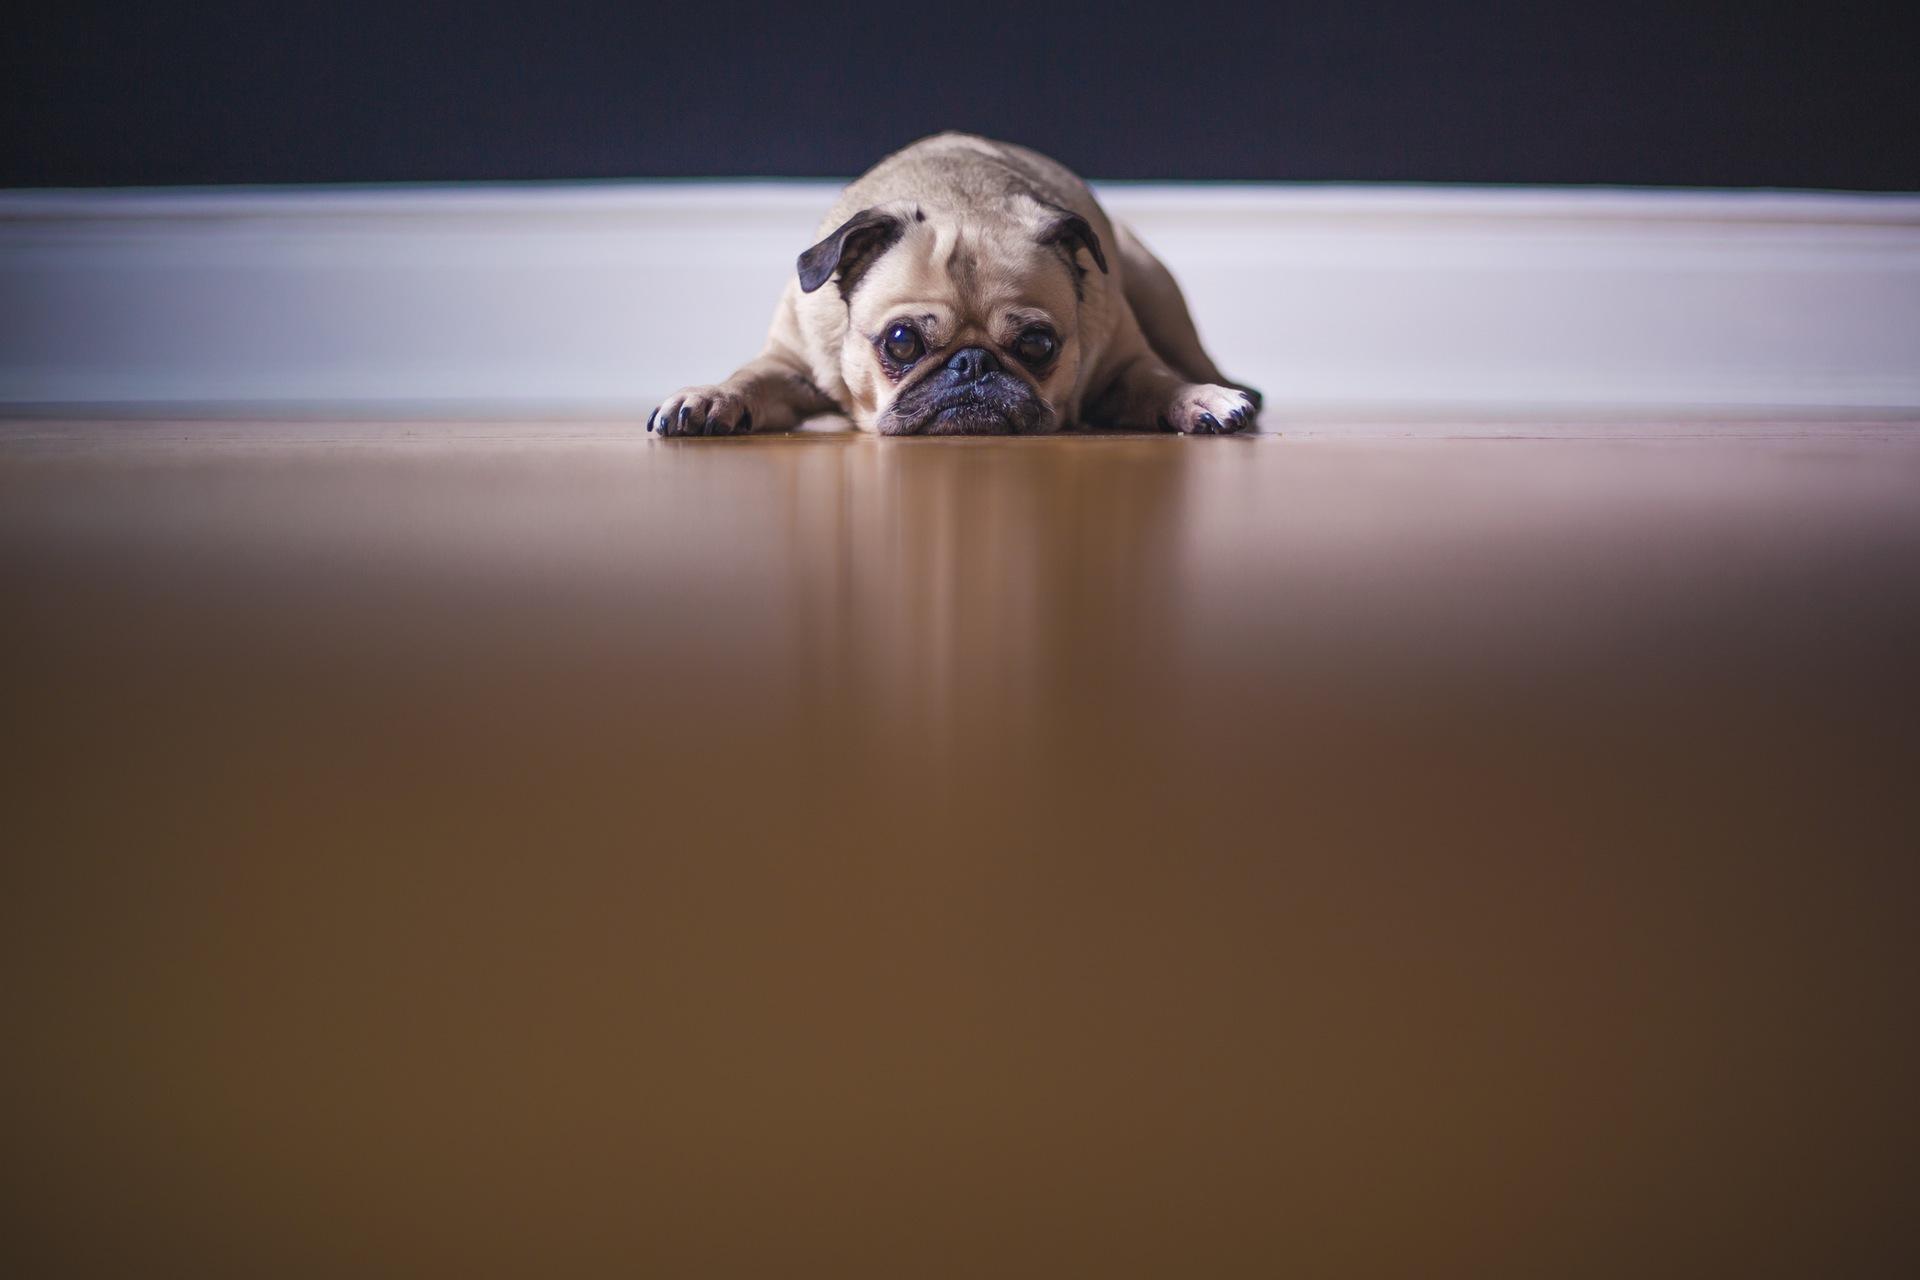 собака, Смотреть, устал, нежность, друг, Домашнее животное - Обои HD - Профессор falken.com